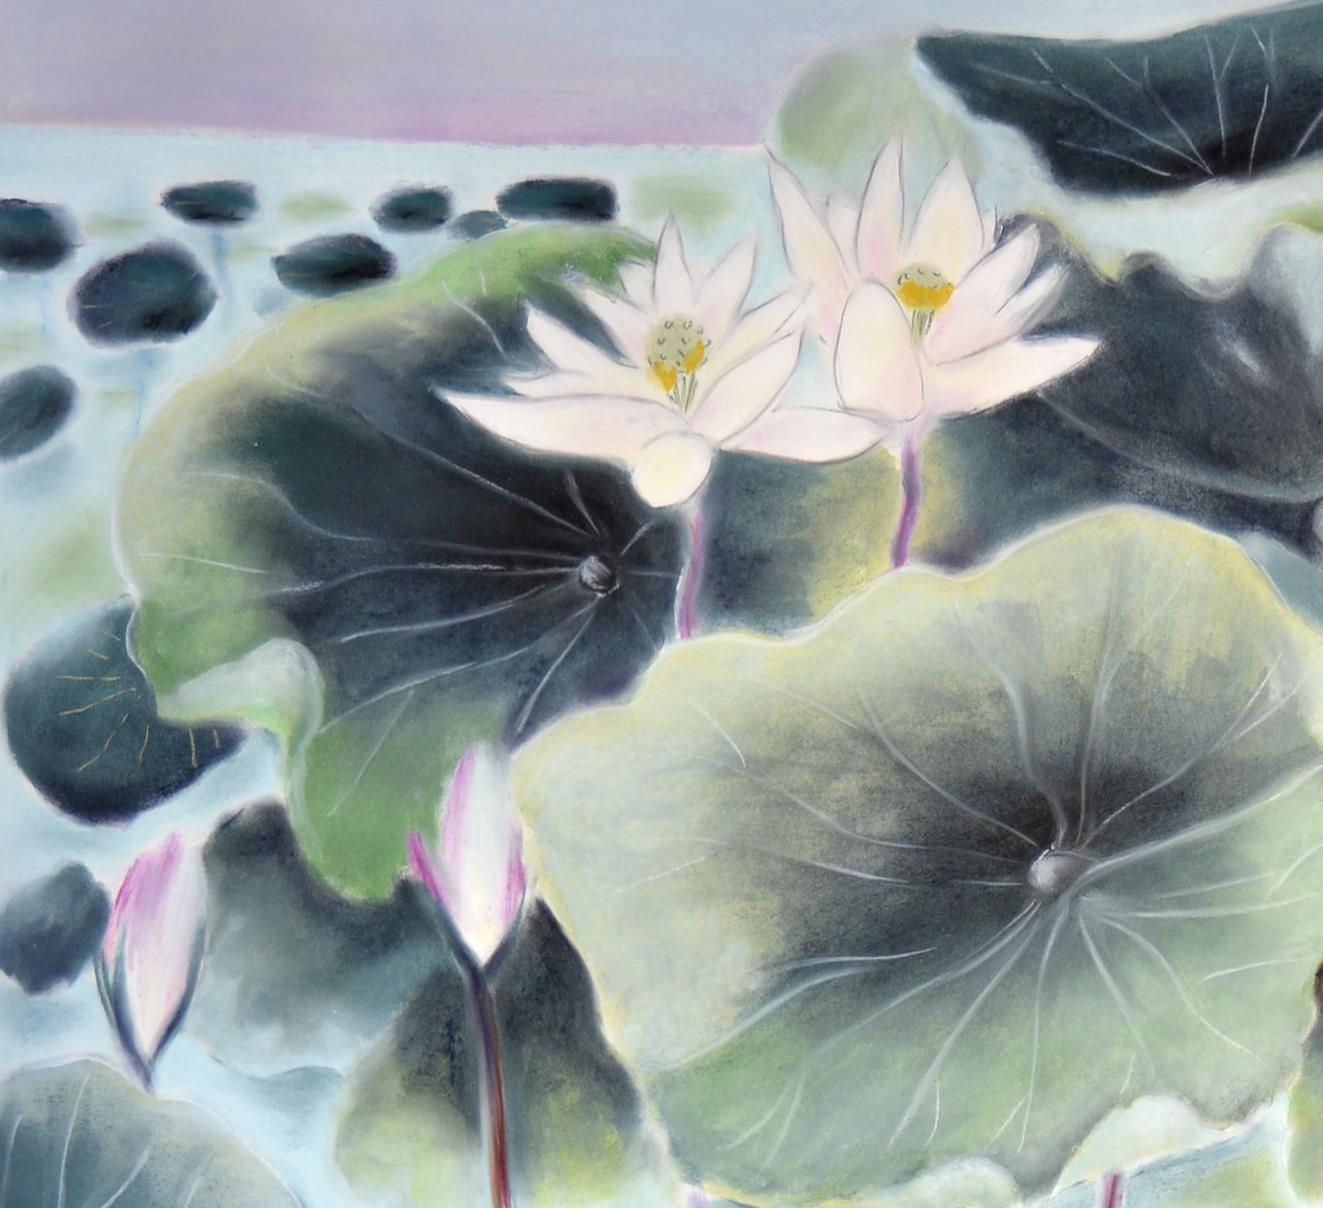 Lotus pond diver-detail#2.jpg